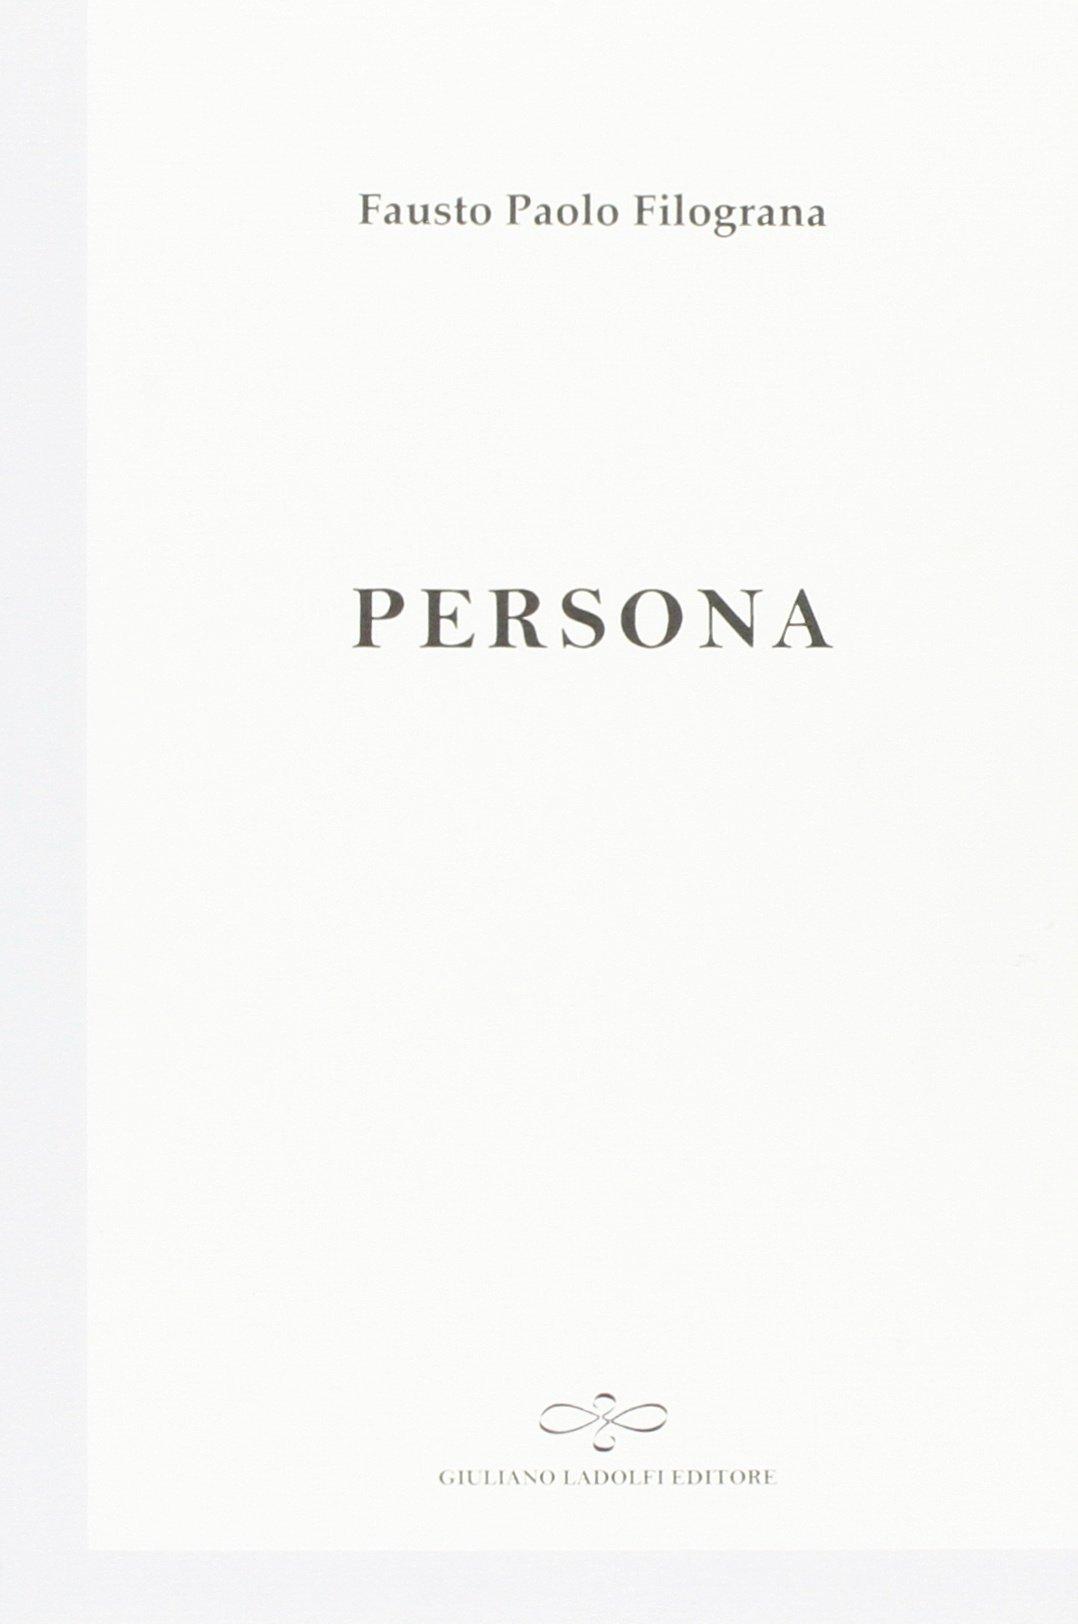 Persona – Fausto Paolo Filograna